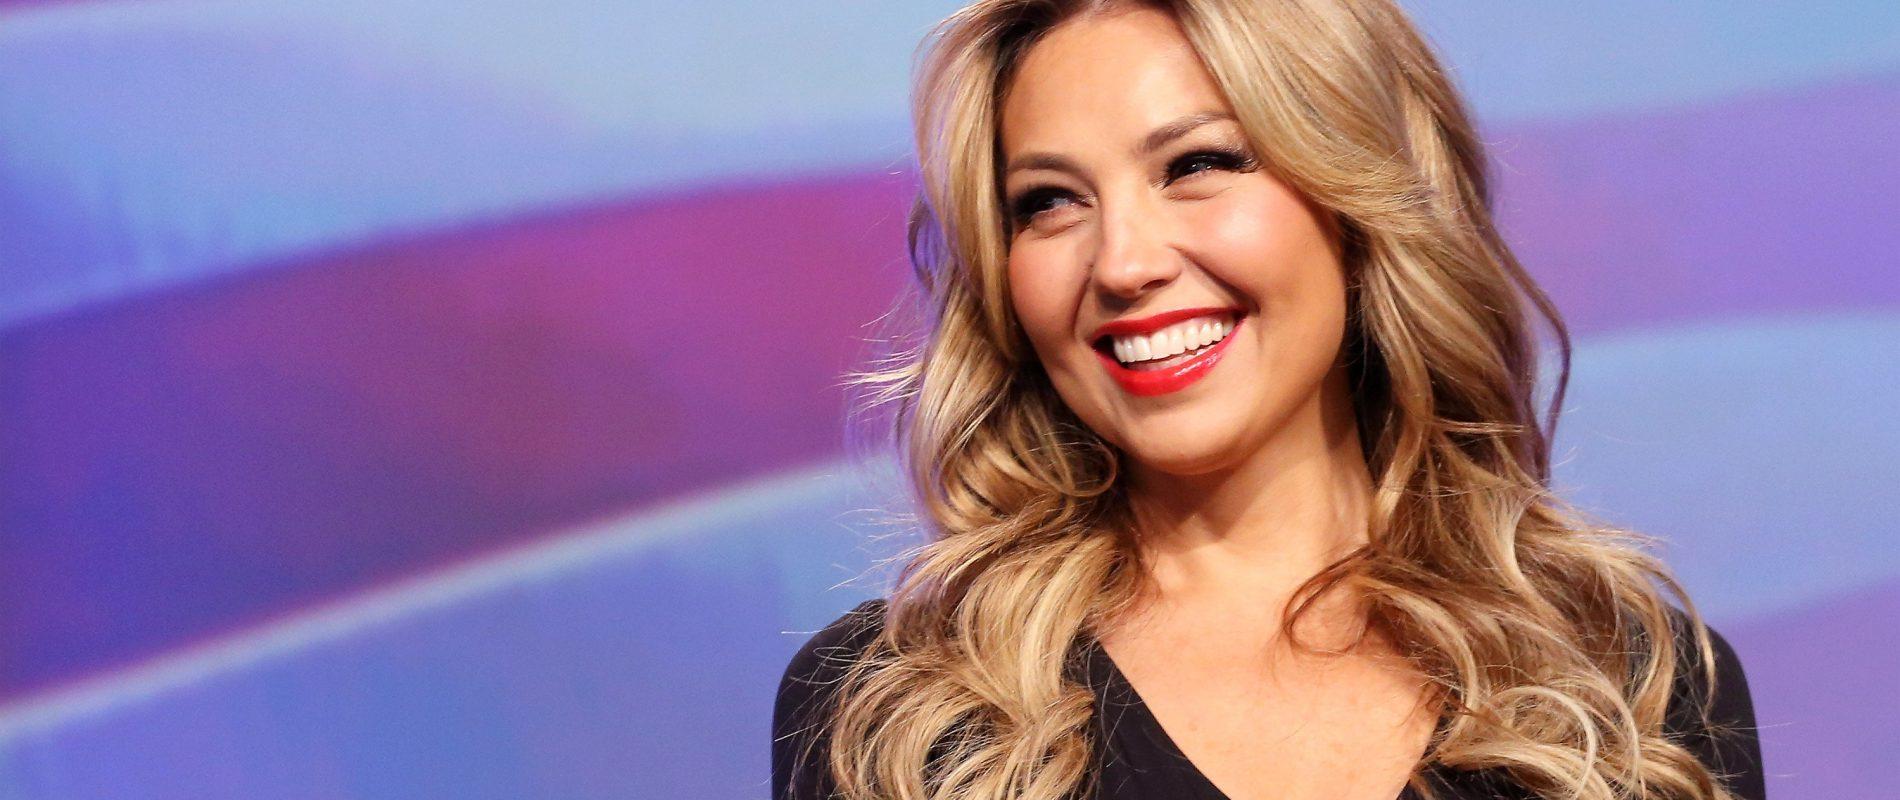 Thalía responde tajante a quienes aseguran que se quitó las costillas: 'Enséñame tu rutina de ejercicio'